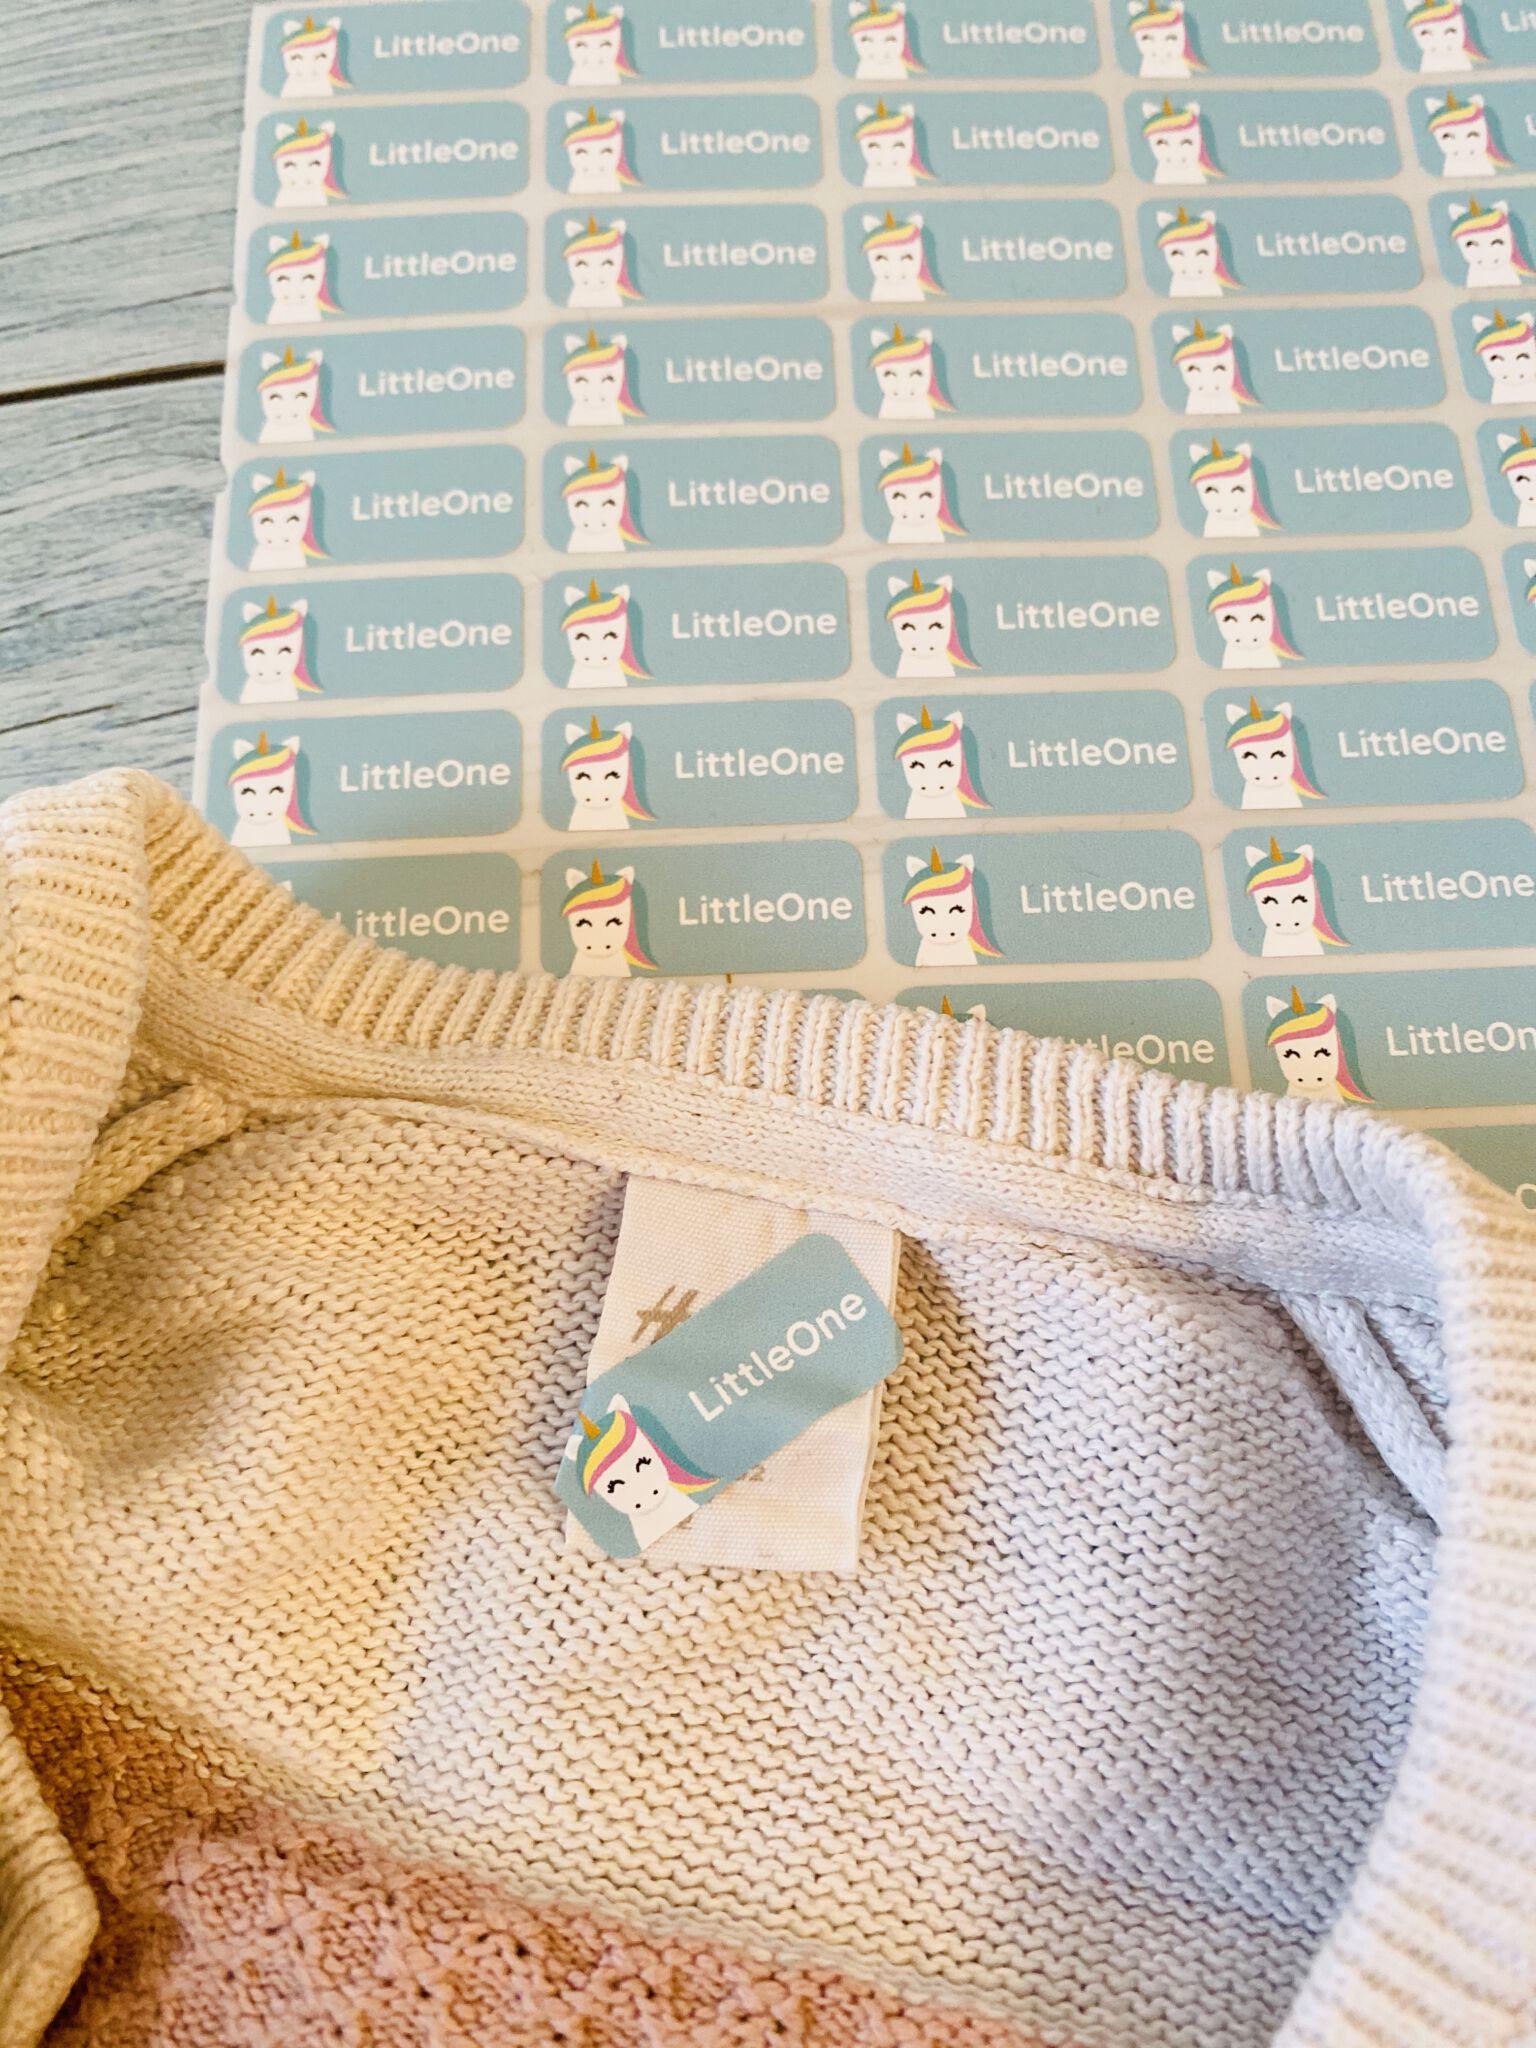 Kleberlie markierte Kleidung für Tagesmutter oder KITA